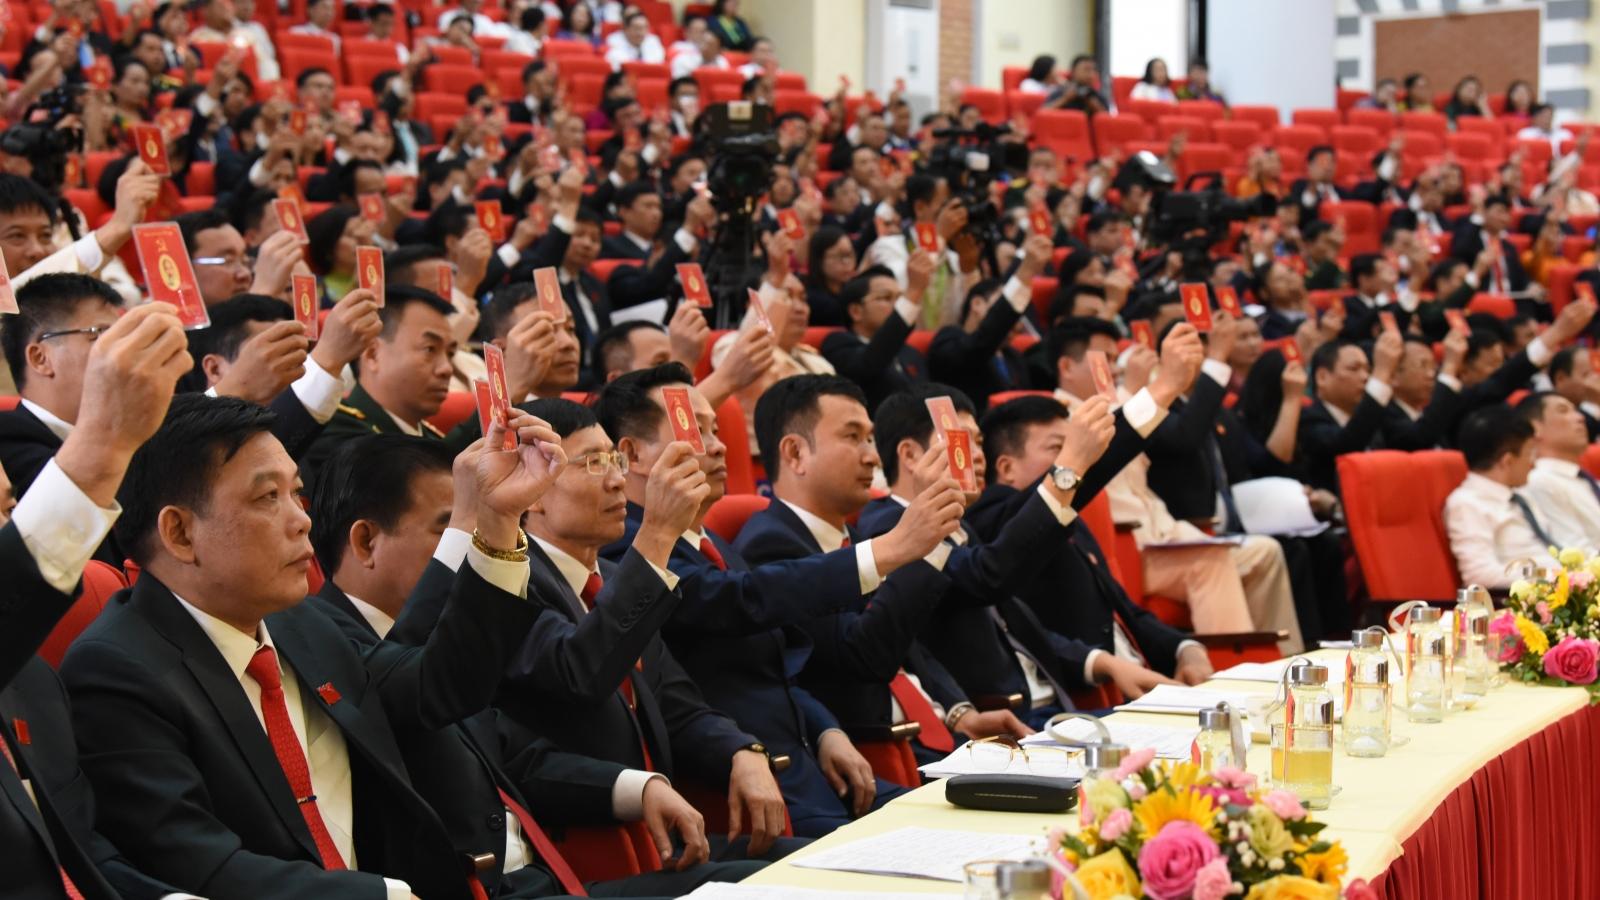 Hôm nay, hơn 10 tỉnh, thành khai mạc Đại hội Đảng bộ nhiệm kỳ 2020-2025